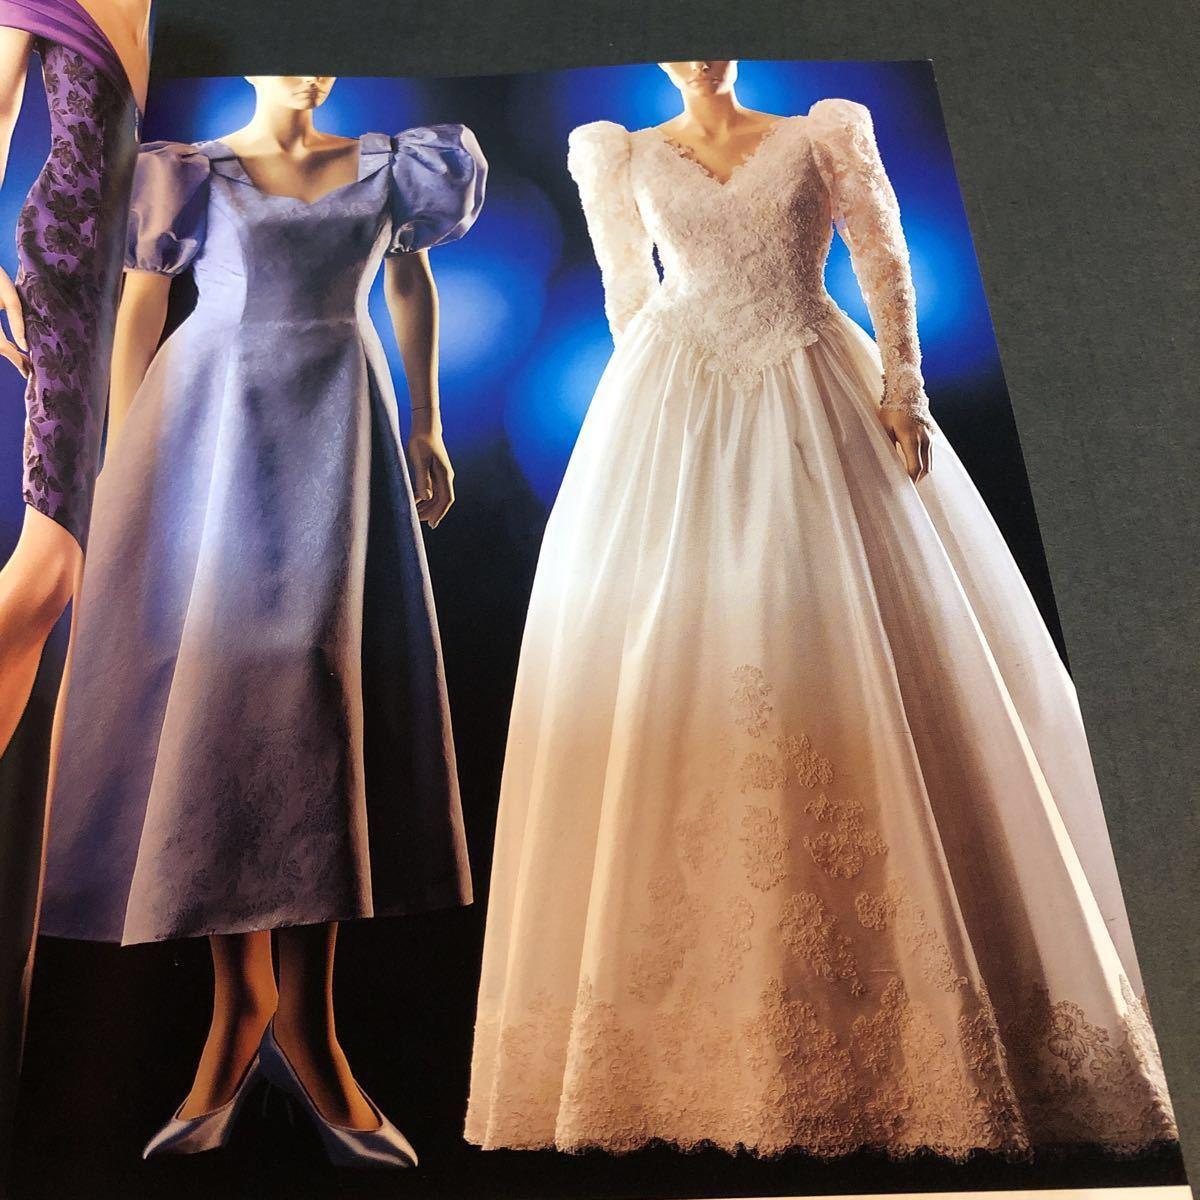 ウエディングドレスとフォーマルドレスの縫い方 カンカンペチコート 写真解説ソーイング 洋裁編 _画像4